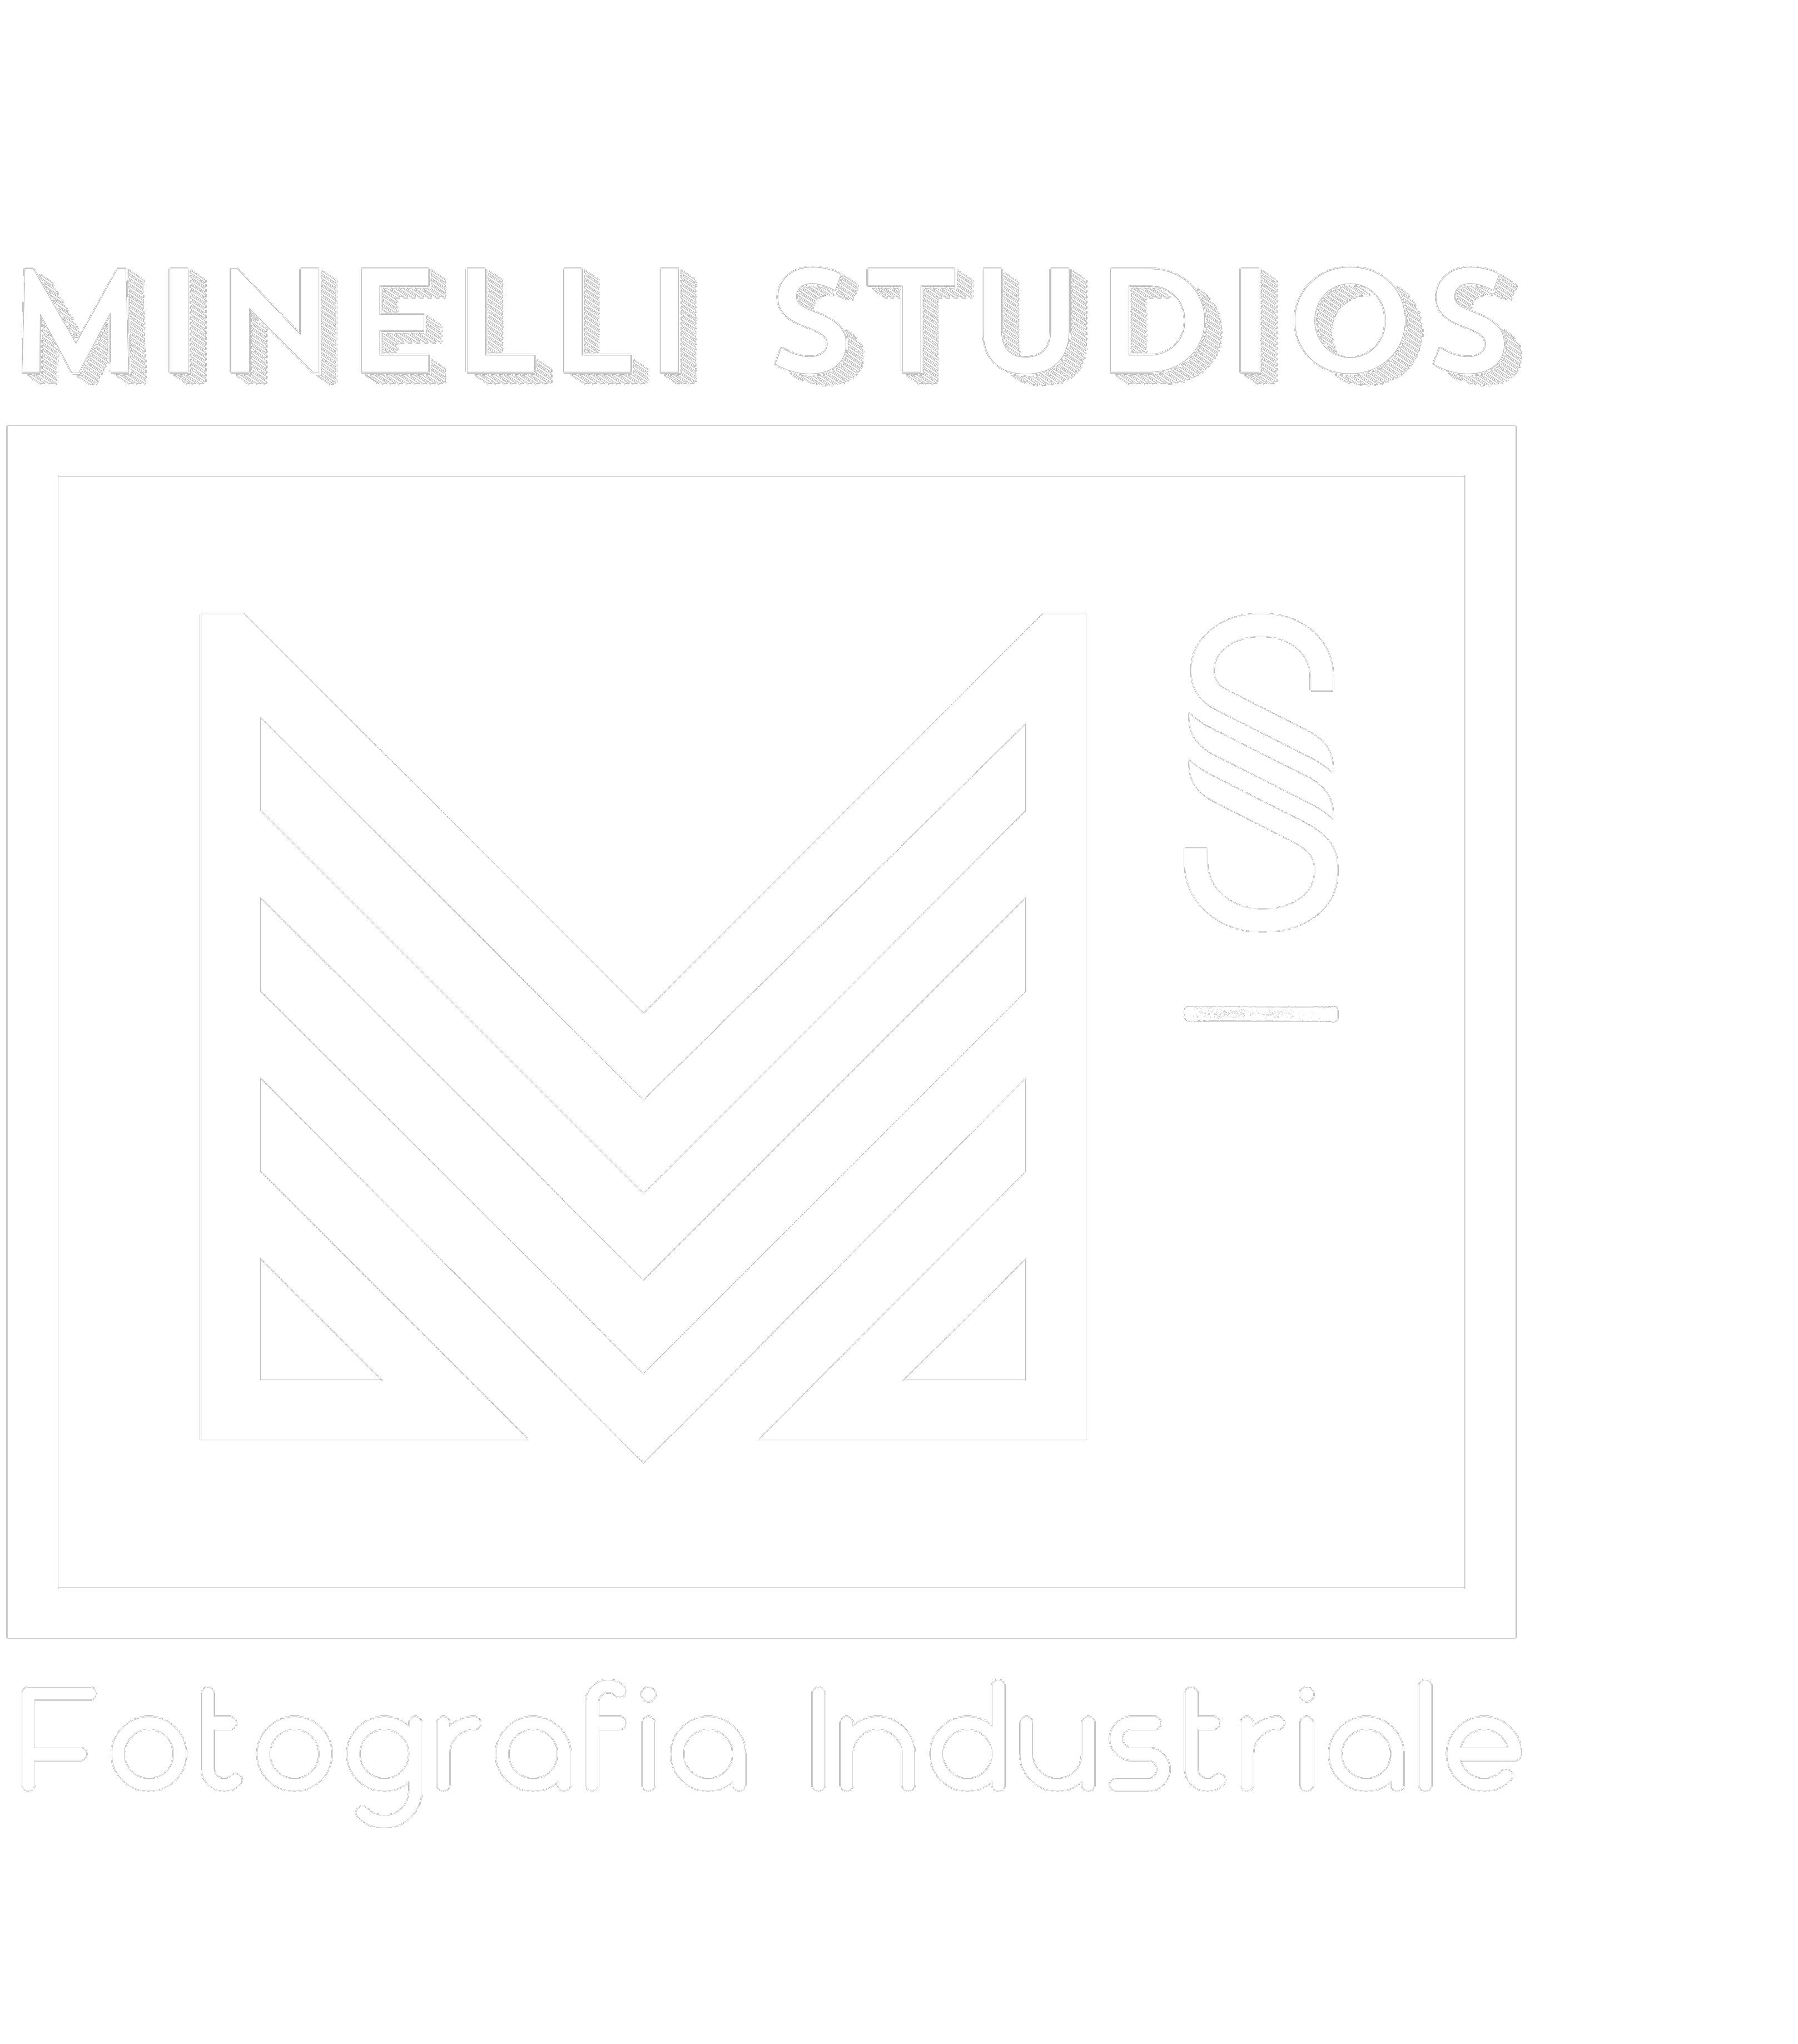 Minelli Sudios - Fotografo Industriale